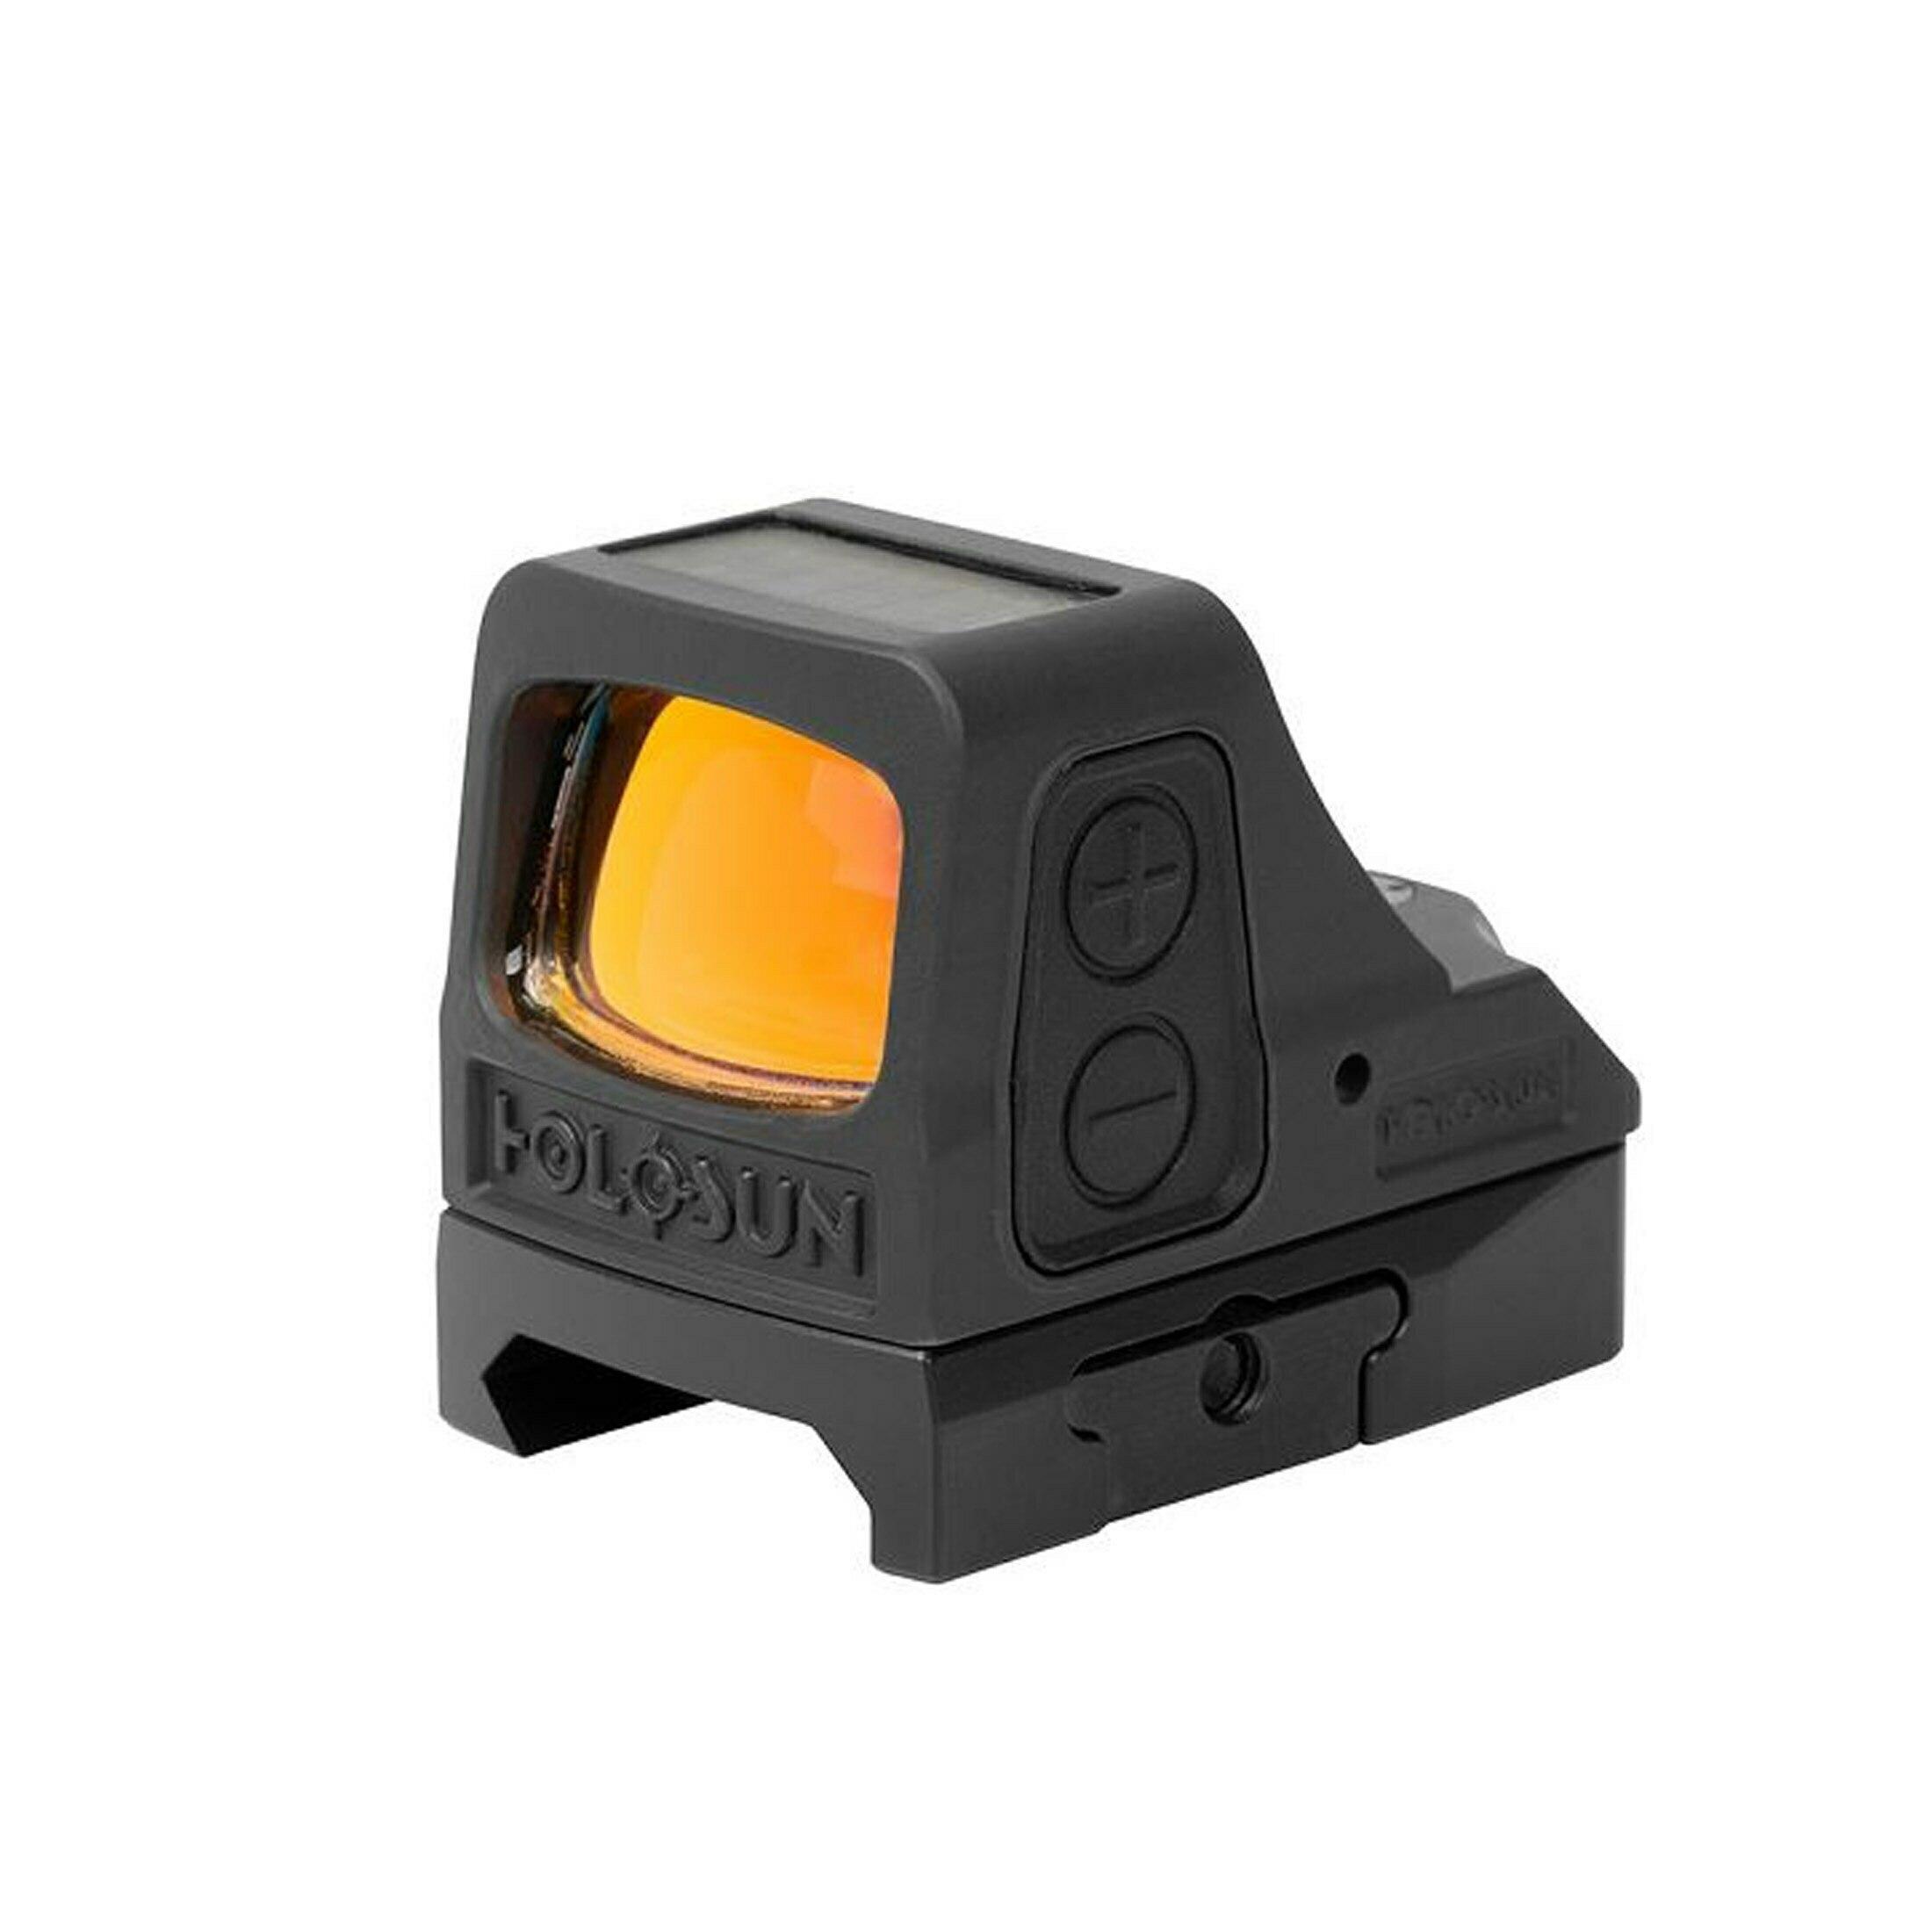 Holosun Dot Sight ELITE HE508T-RD-V2